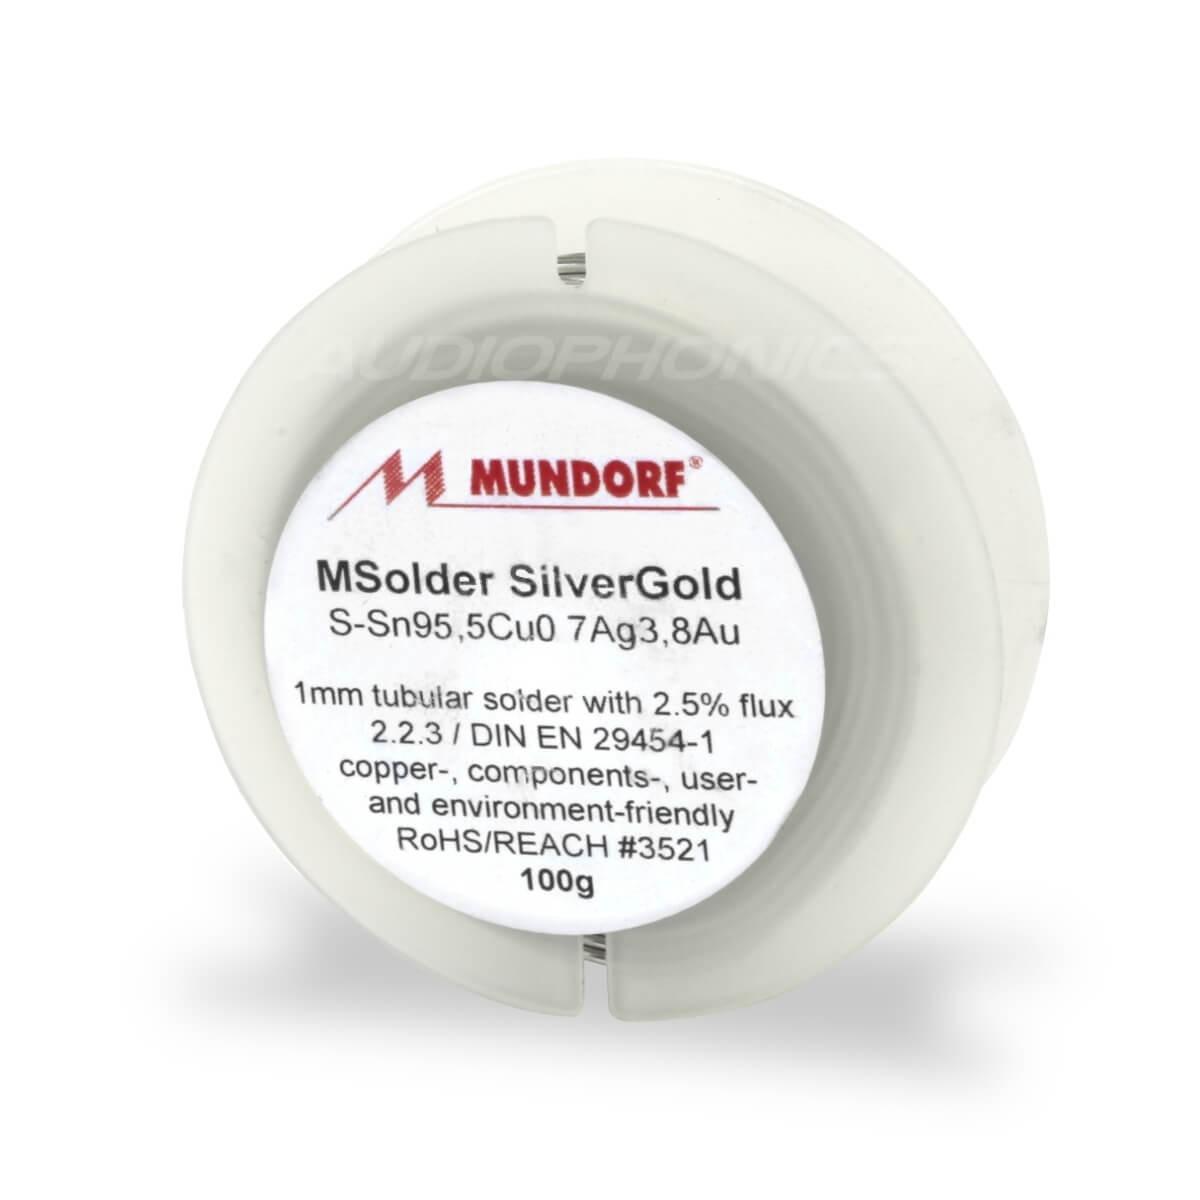 Etain à souder - Mundorf Argent-Or 4% (2 mètres)